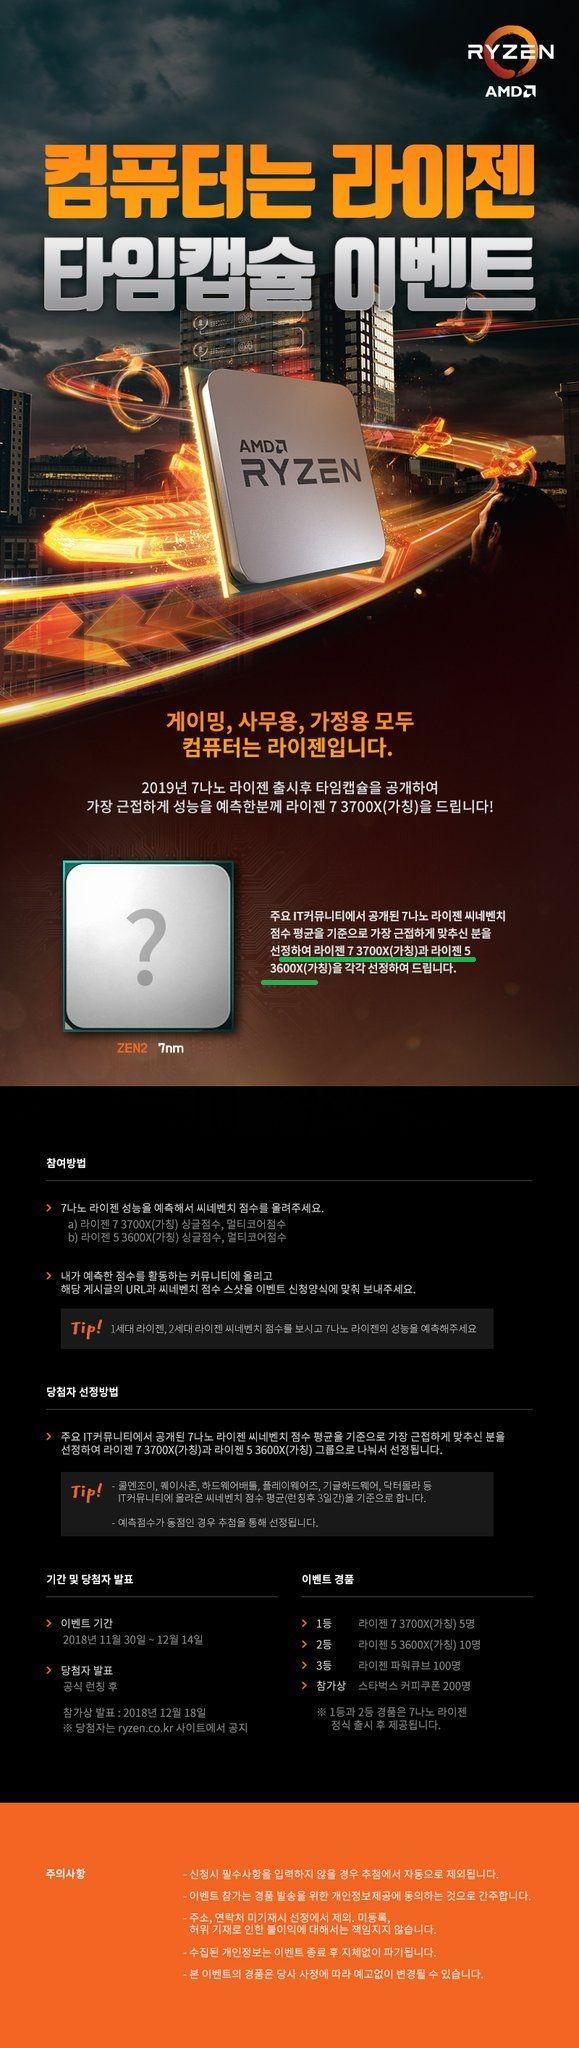 AMD Ryzen - konkurs